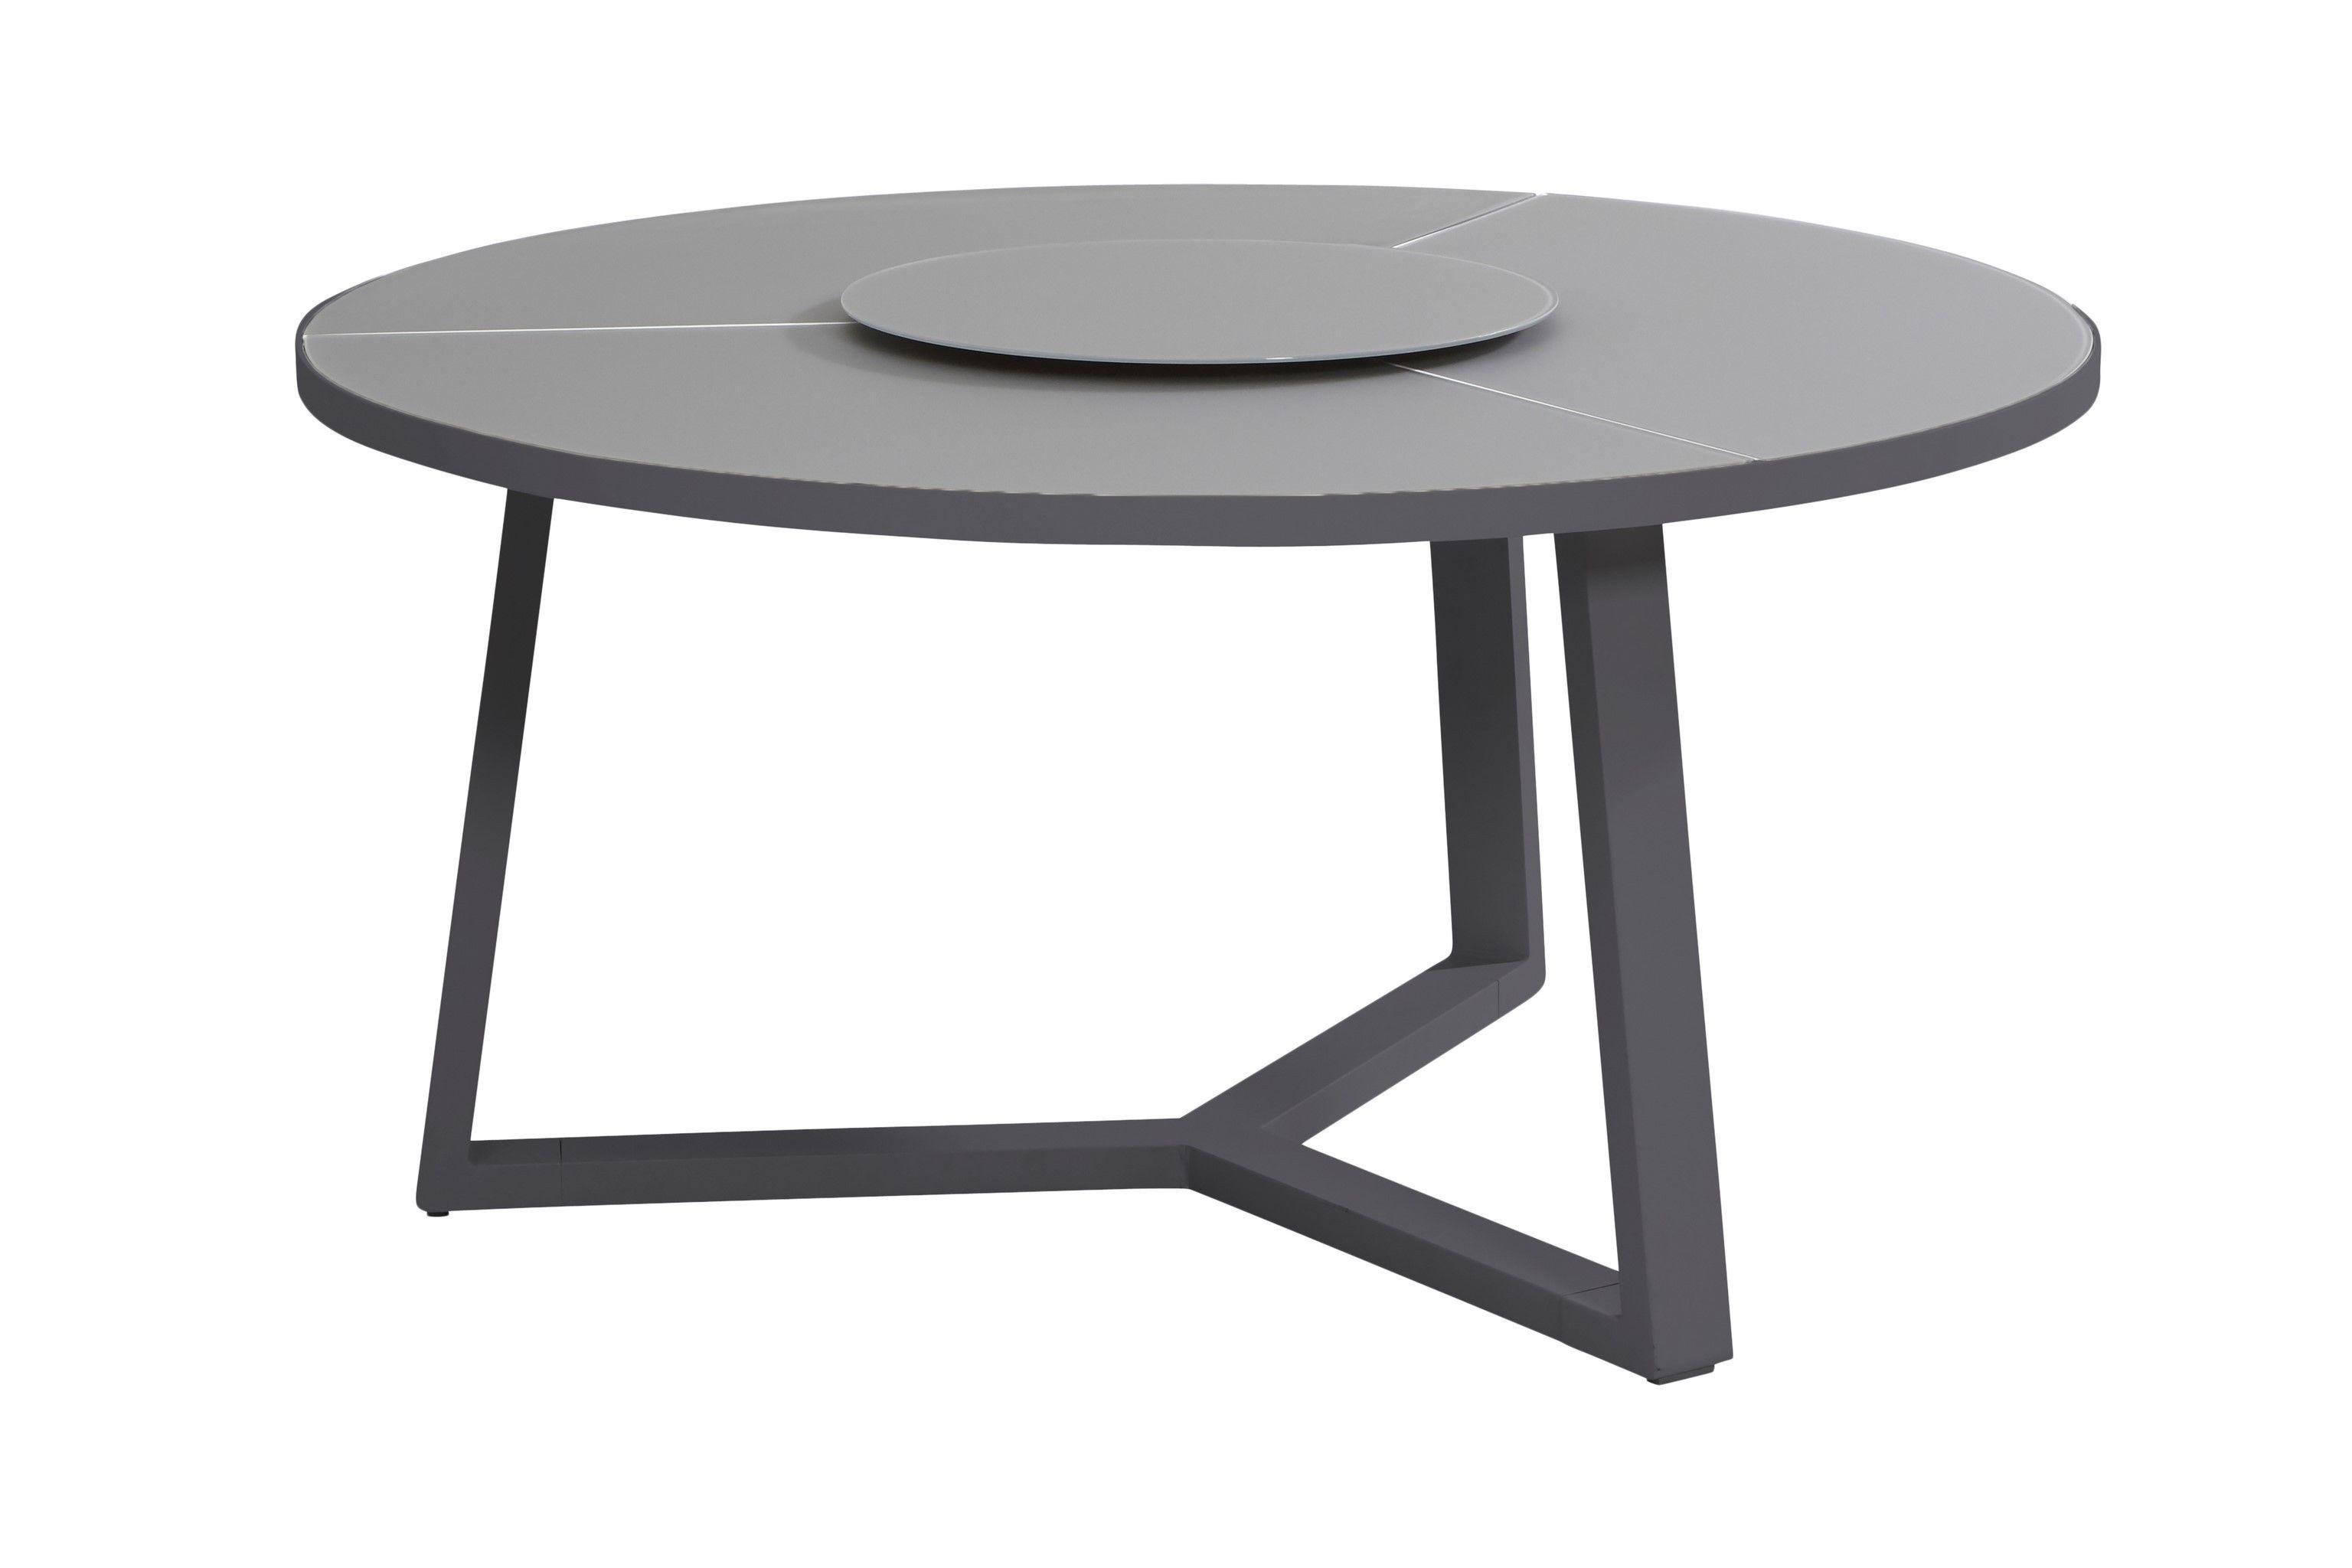 Table de jardin à plateau tournant Original - gris foncé